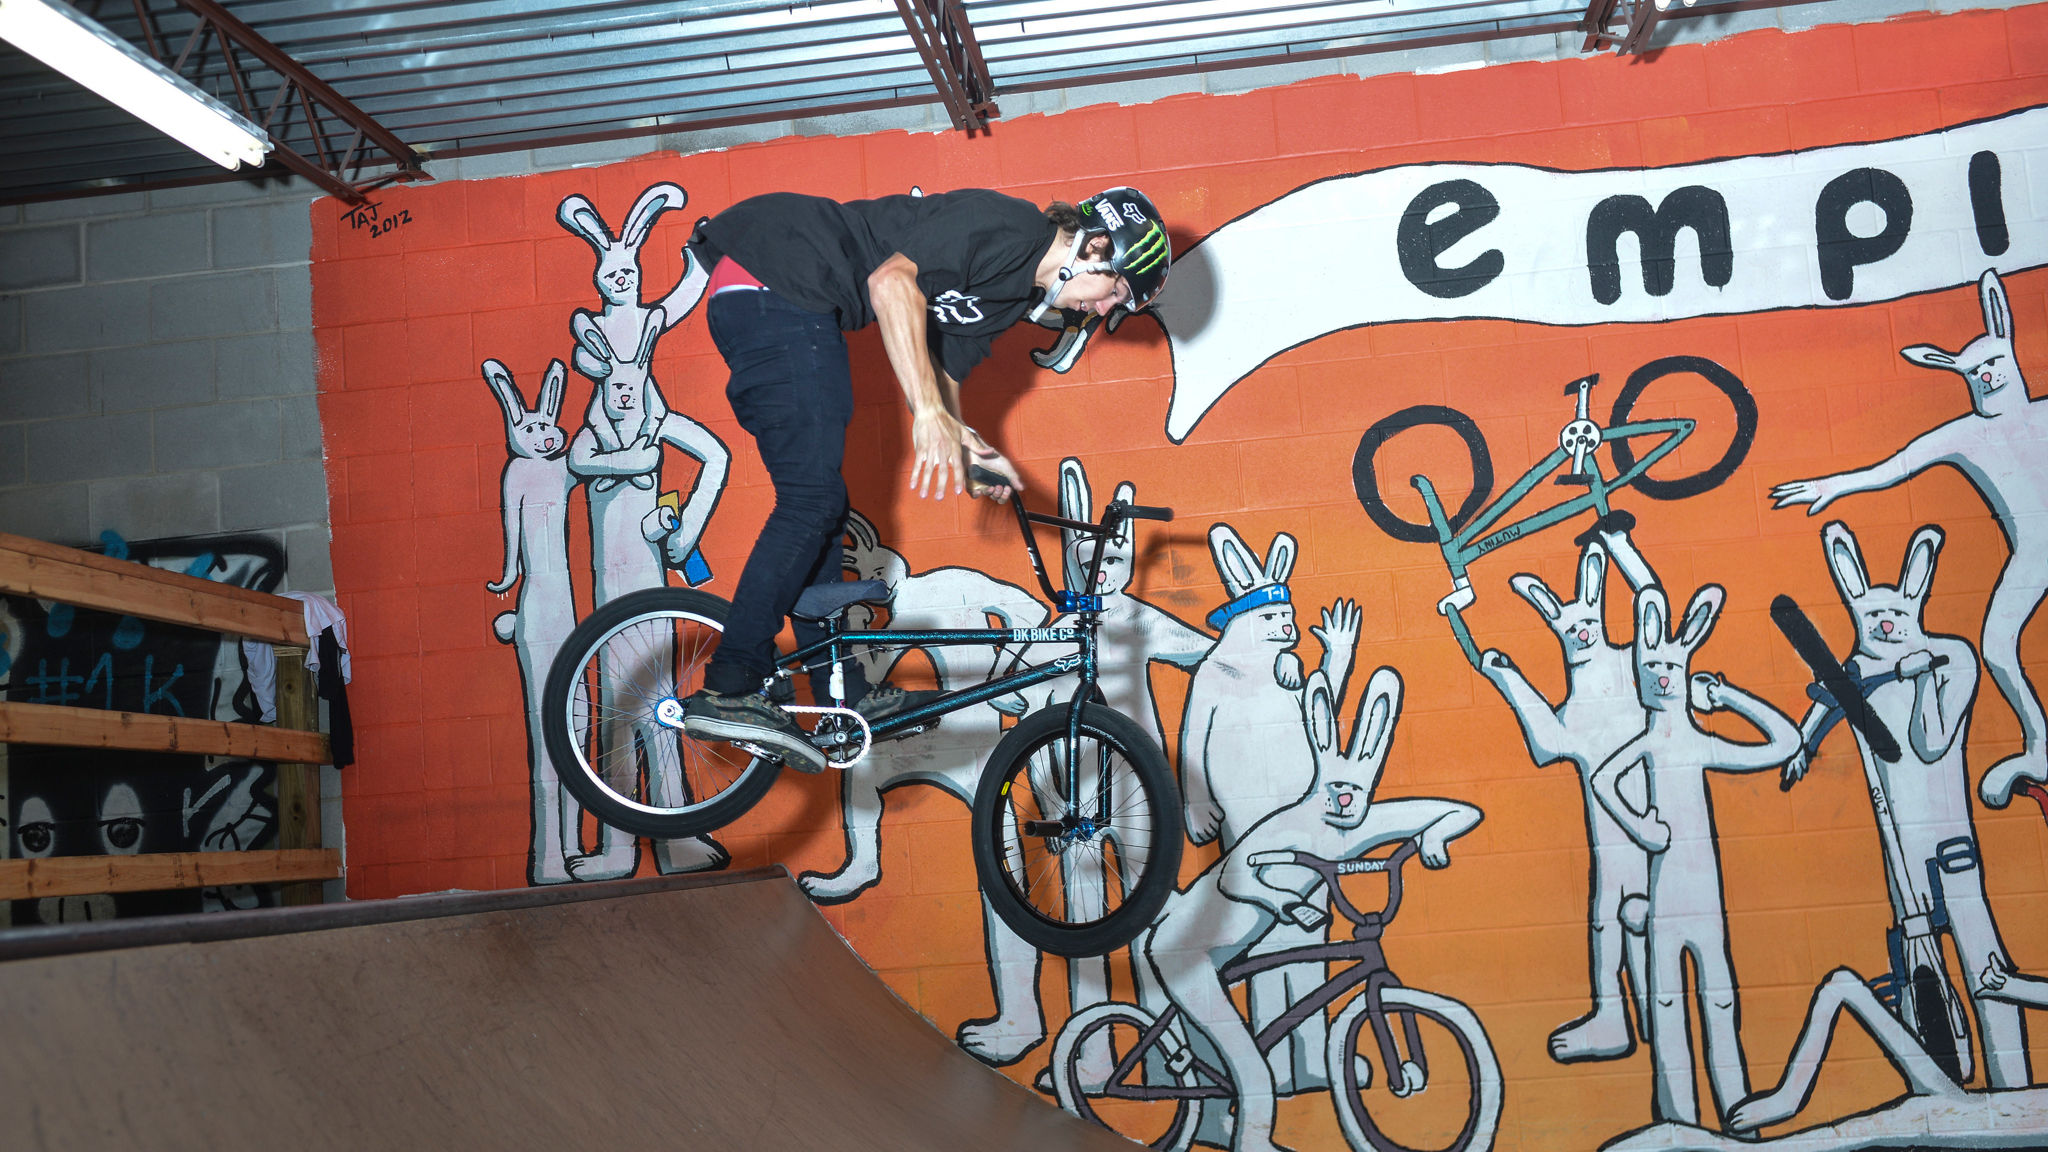 BMX rider Mike Varga